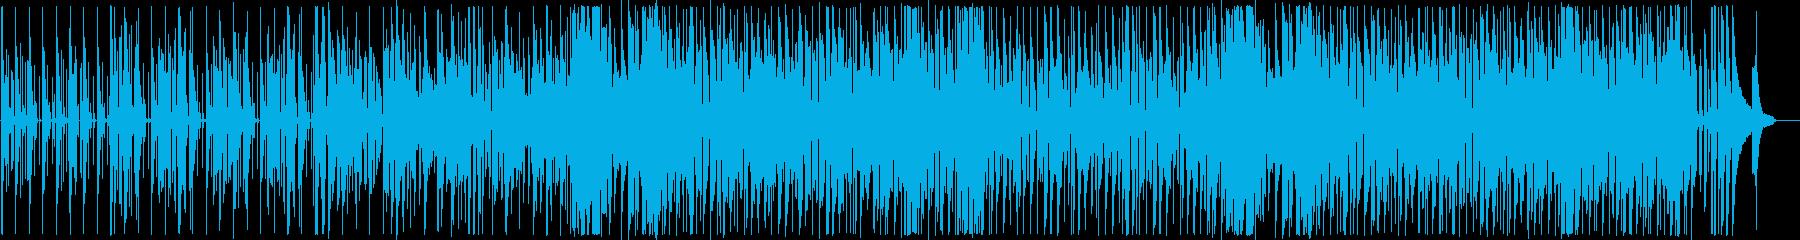 ノリのいいベースがうねる四つ打ちBGM!の再生済みの波形